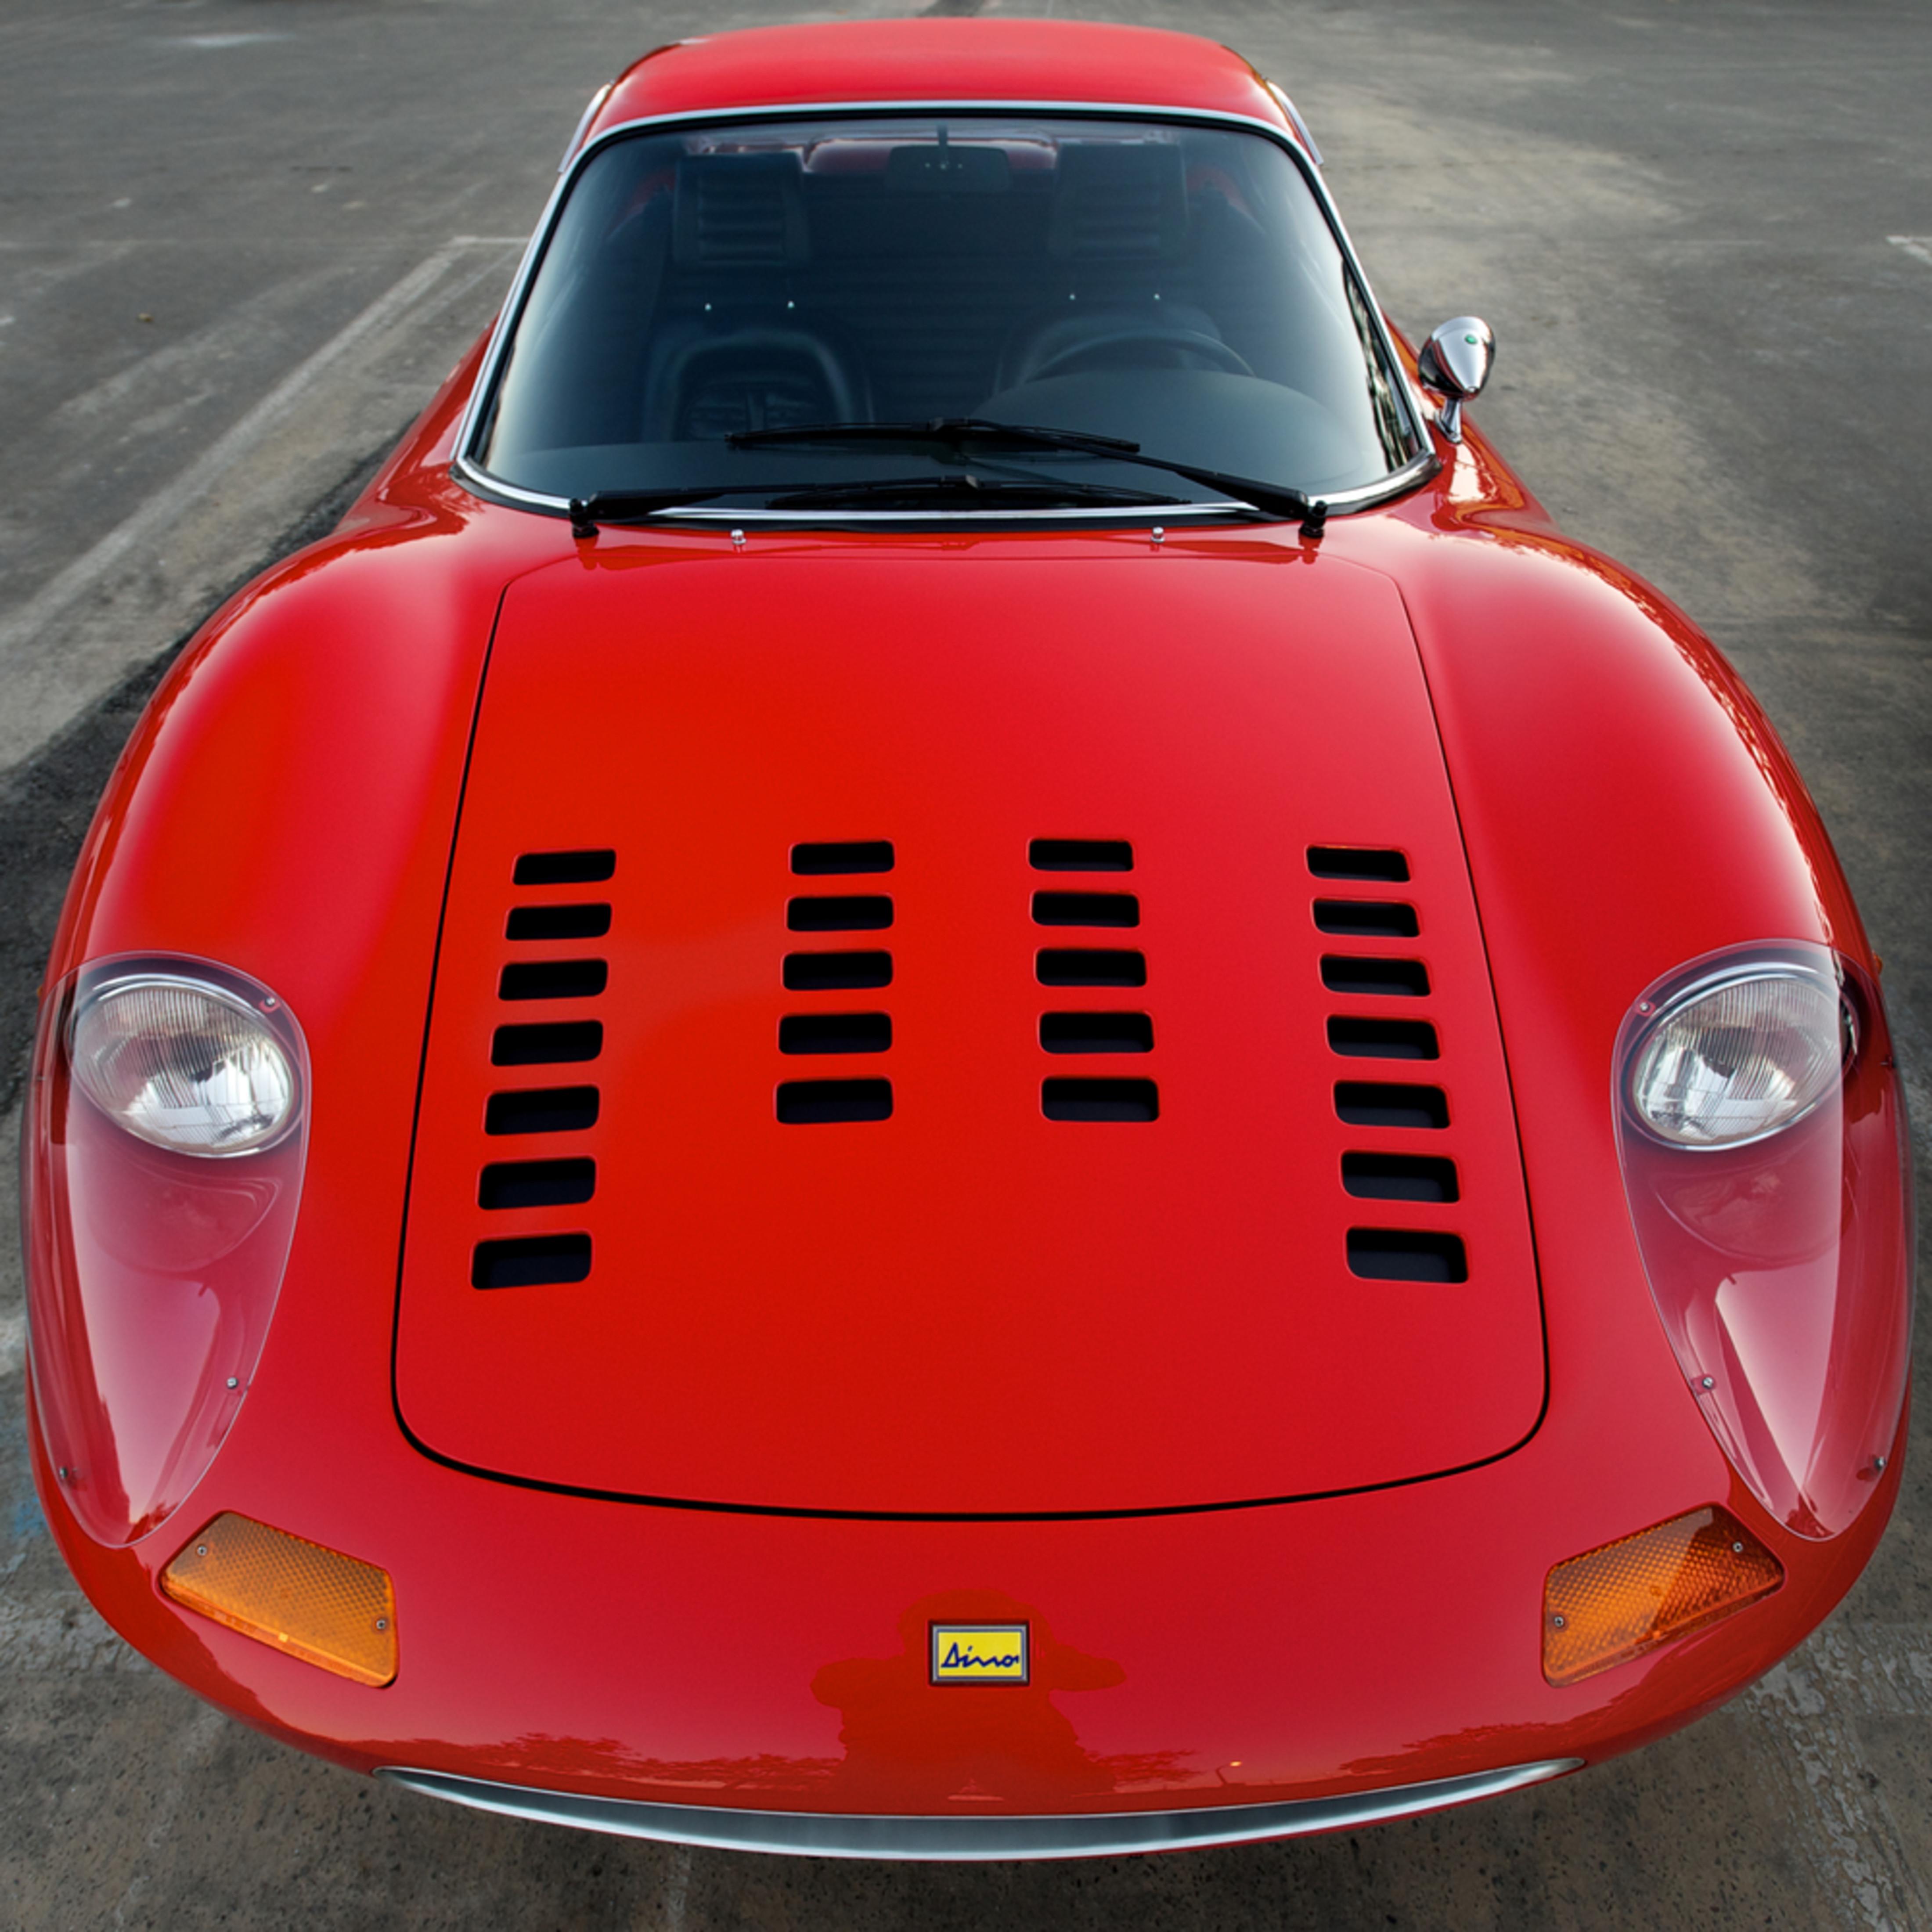 Ferrari dino wide angle ovavws